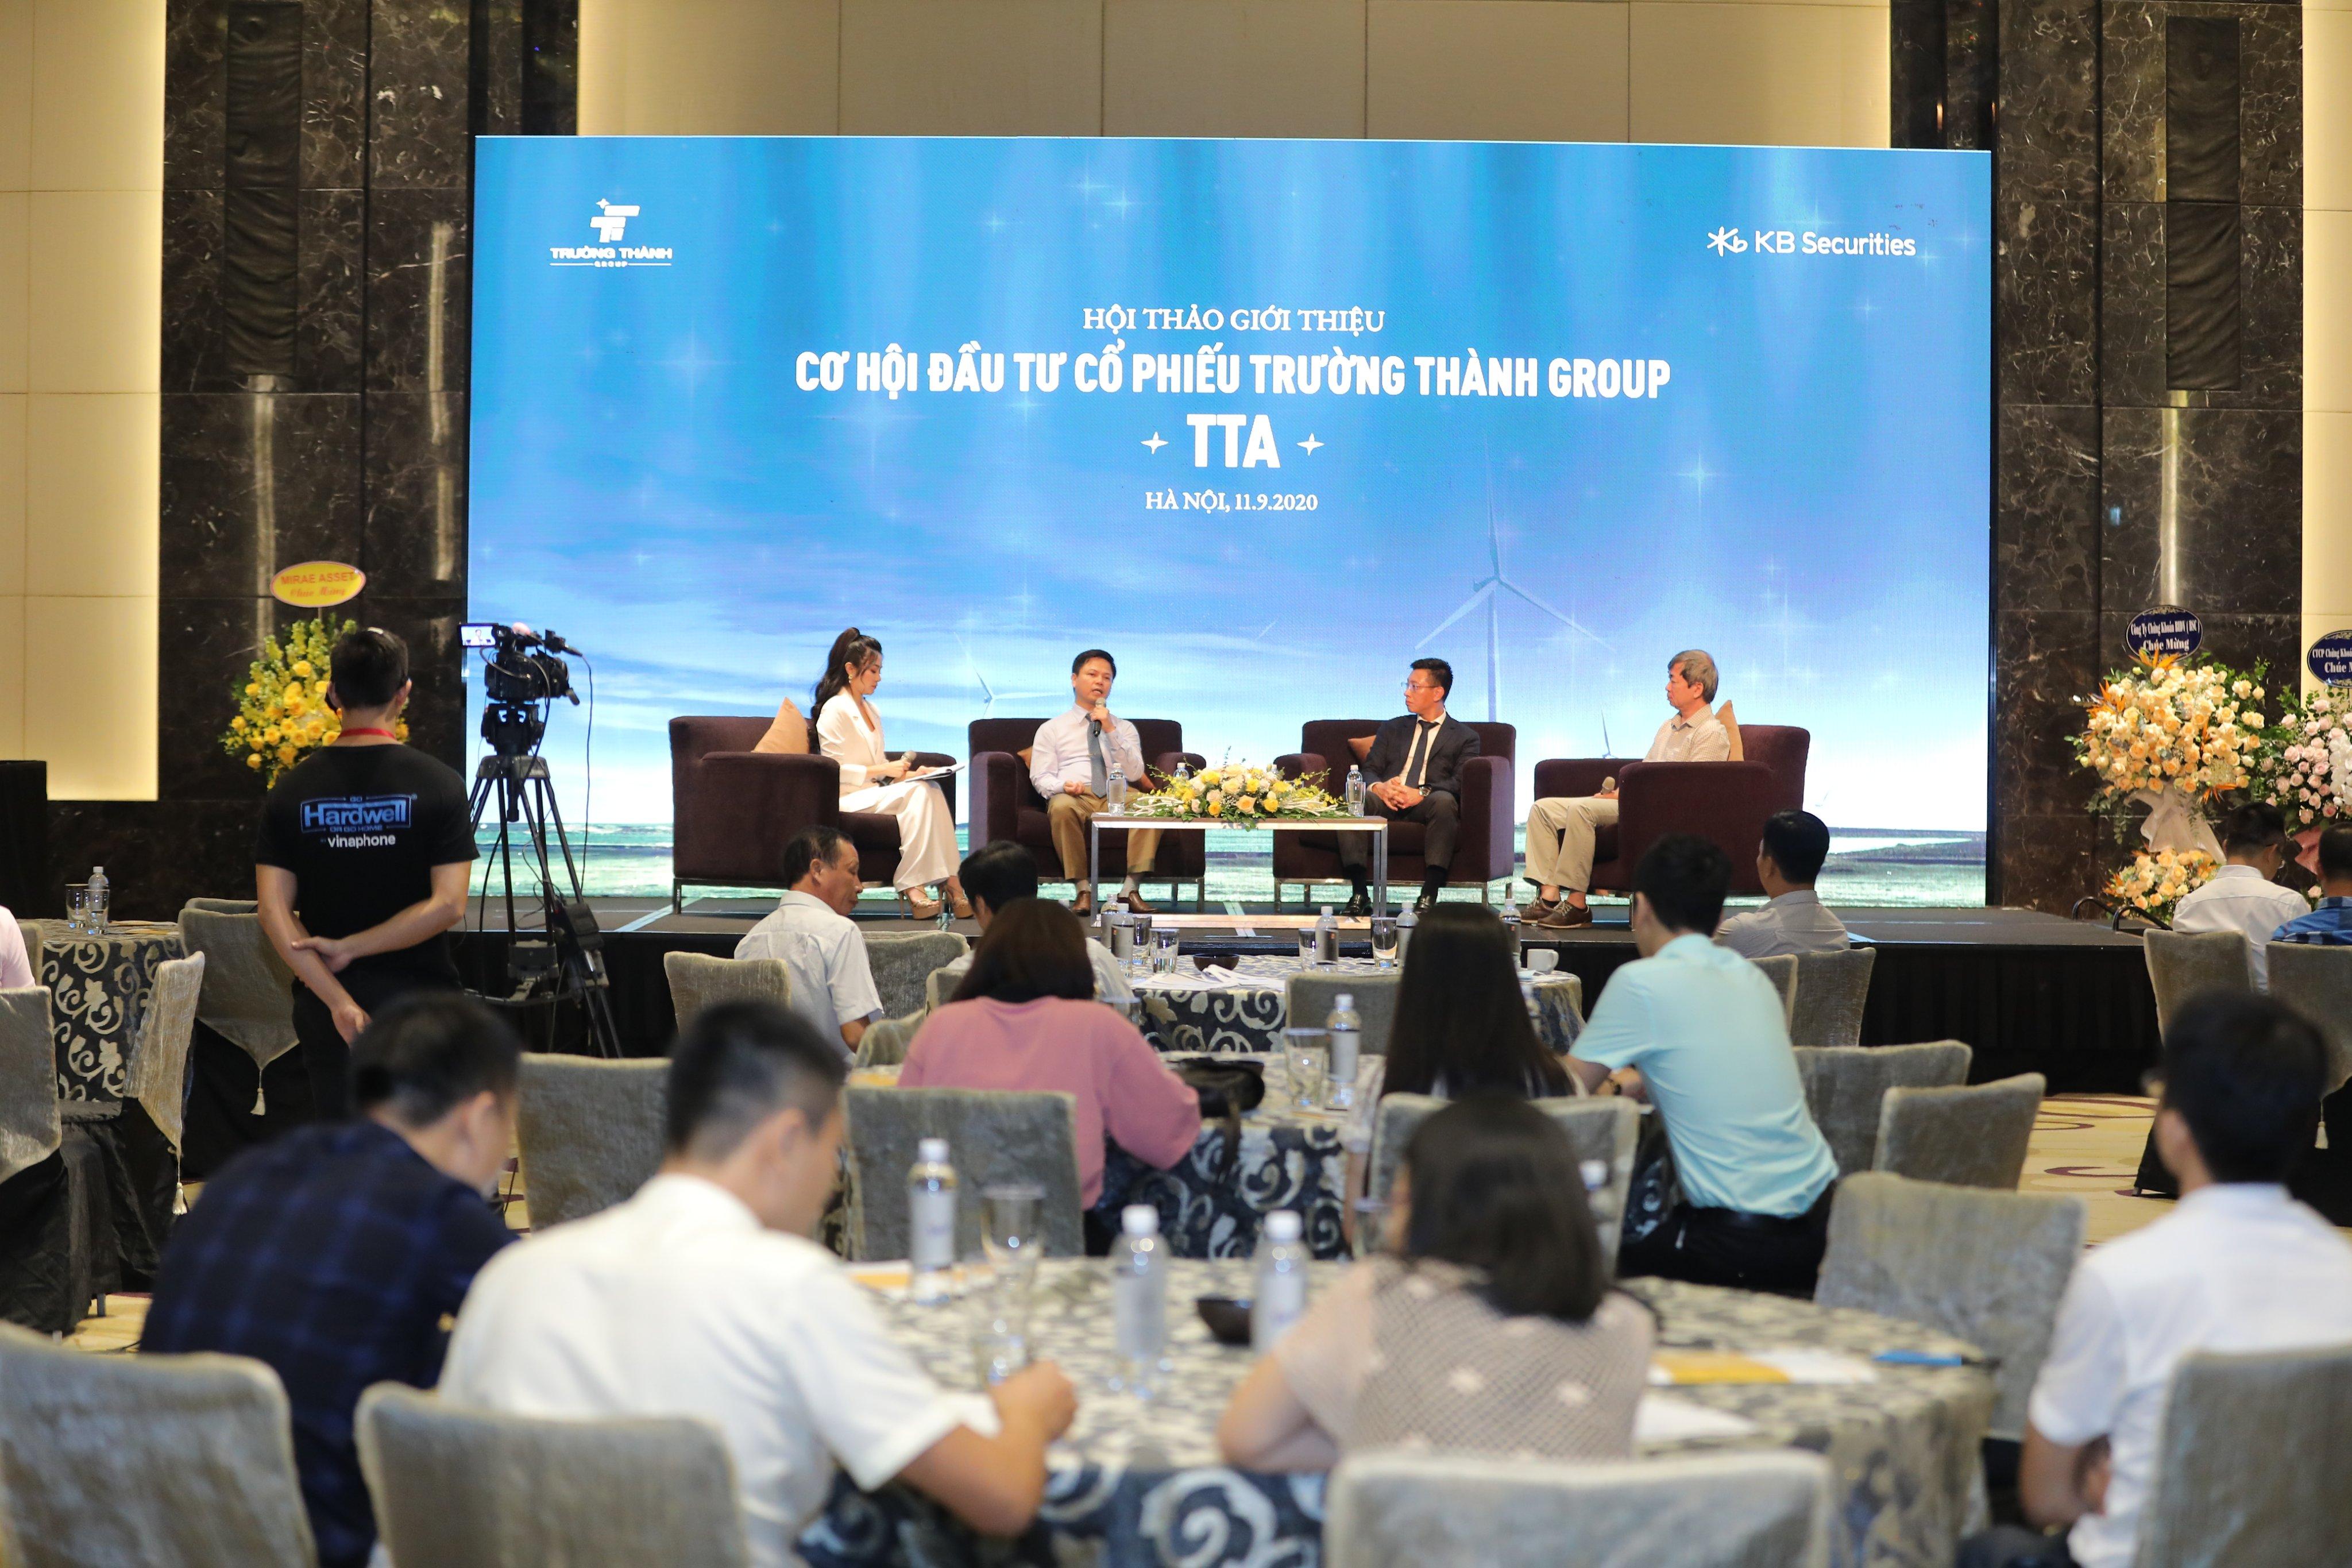 CEO Trường Thành Group (TTA): Đưa cổ phiếu lên sàn để tìm đối tác tốt đồng hành cùng các dự án rất lớn sắp tới - Ảnh 1.